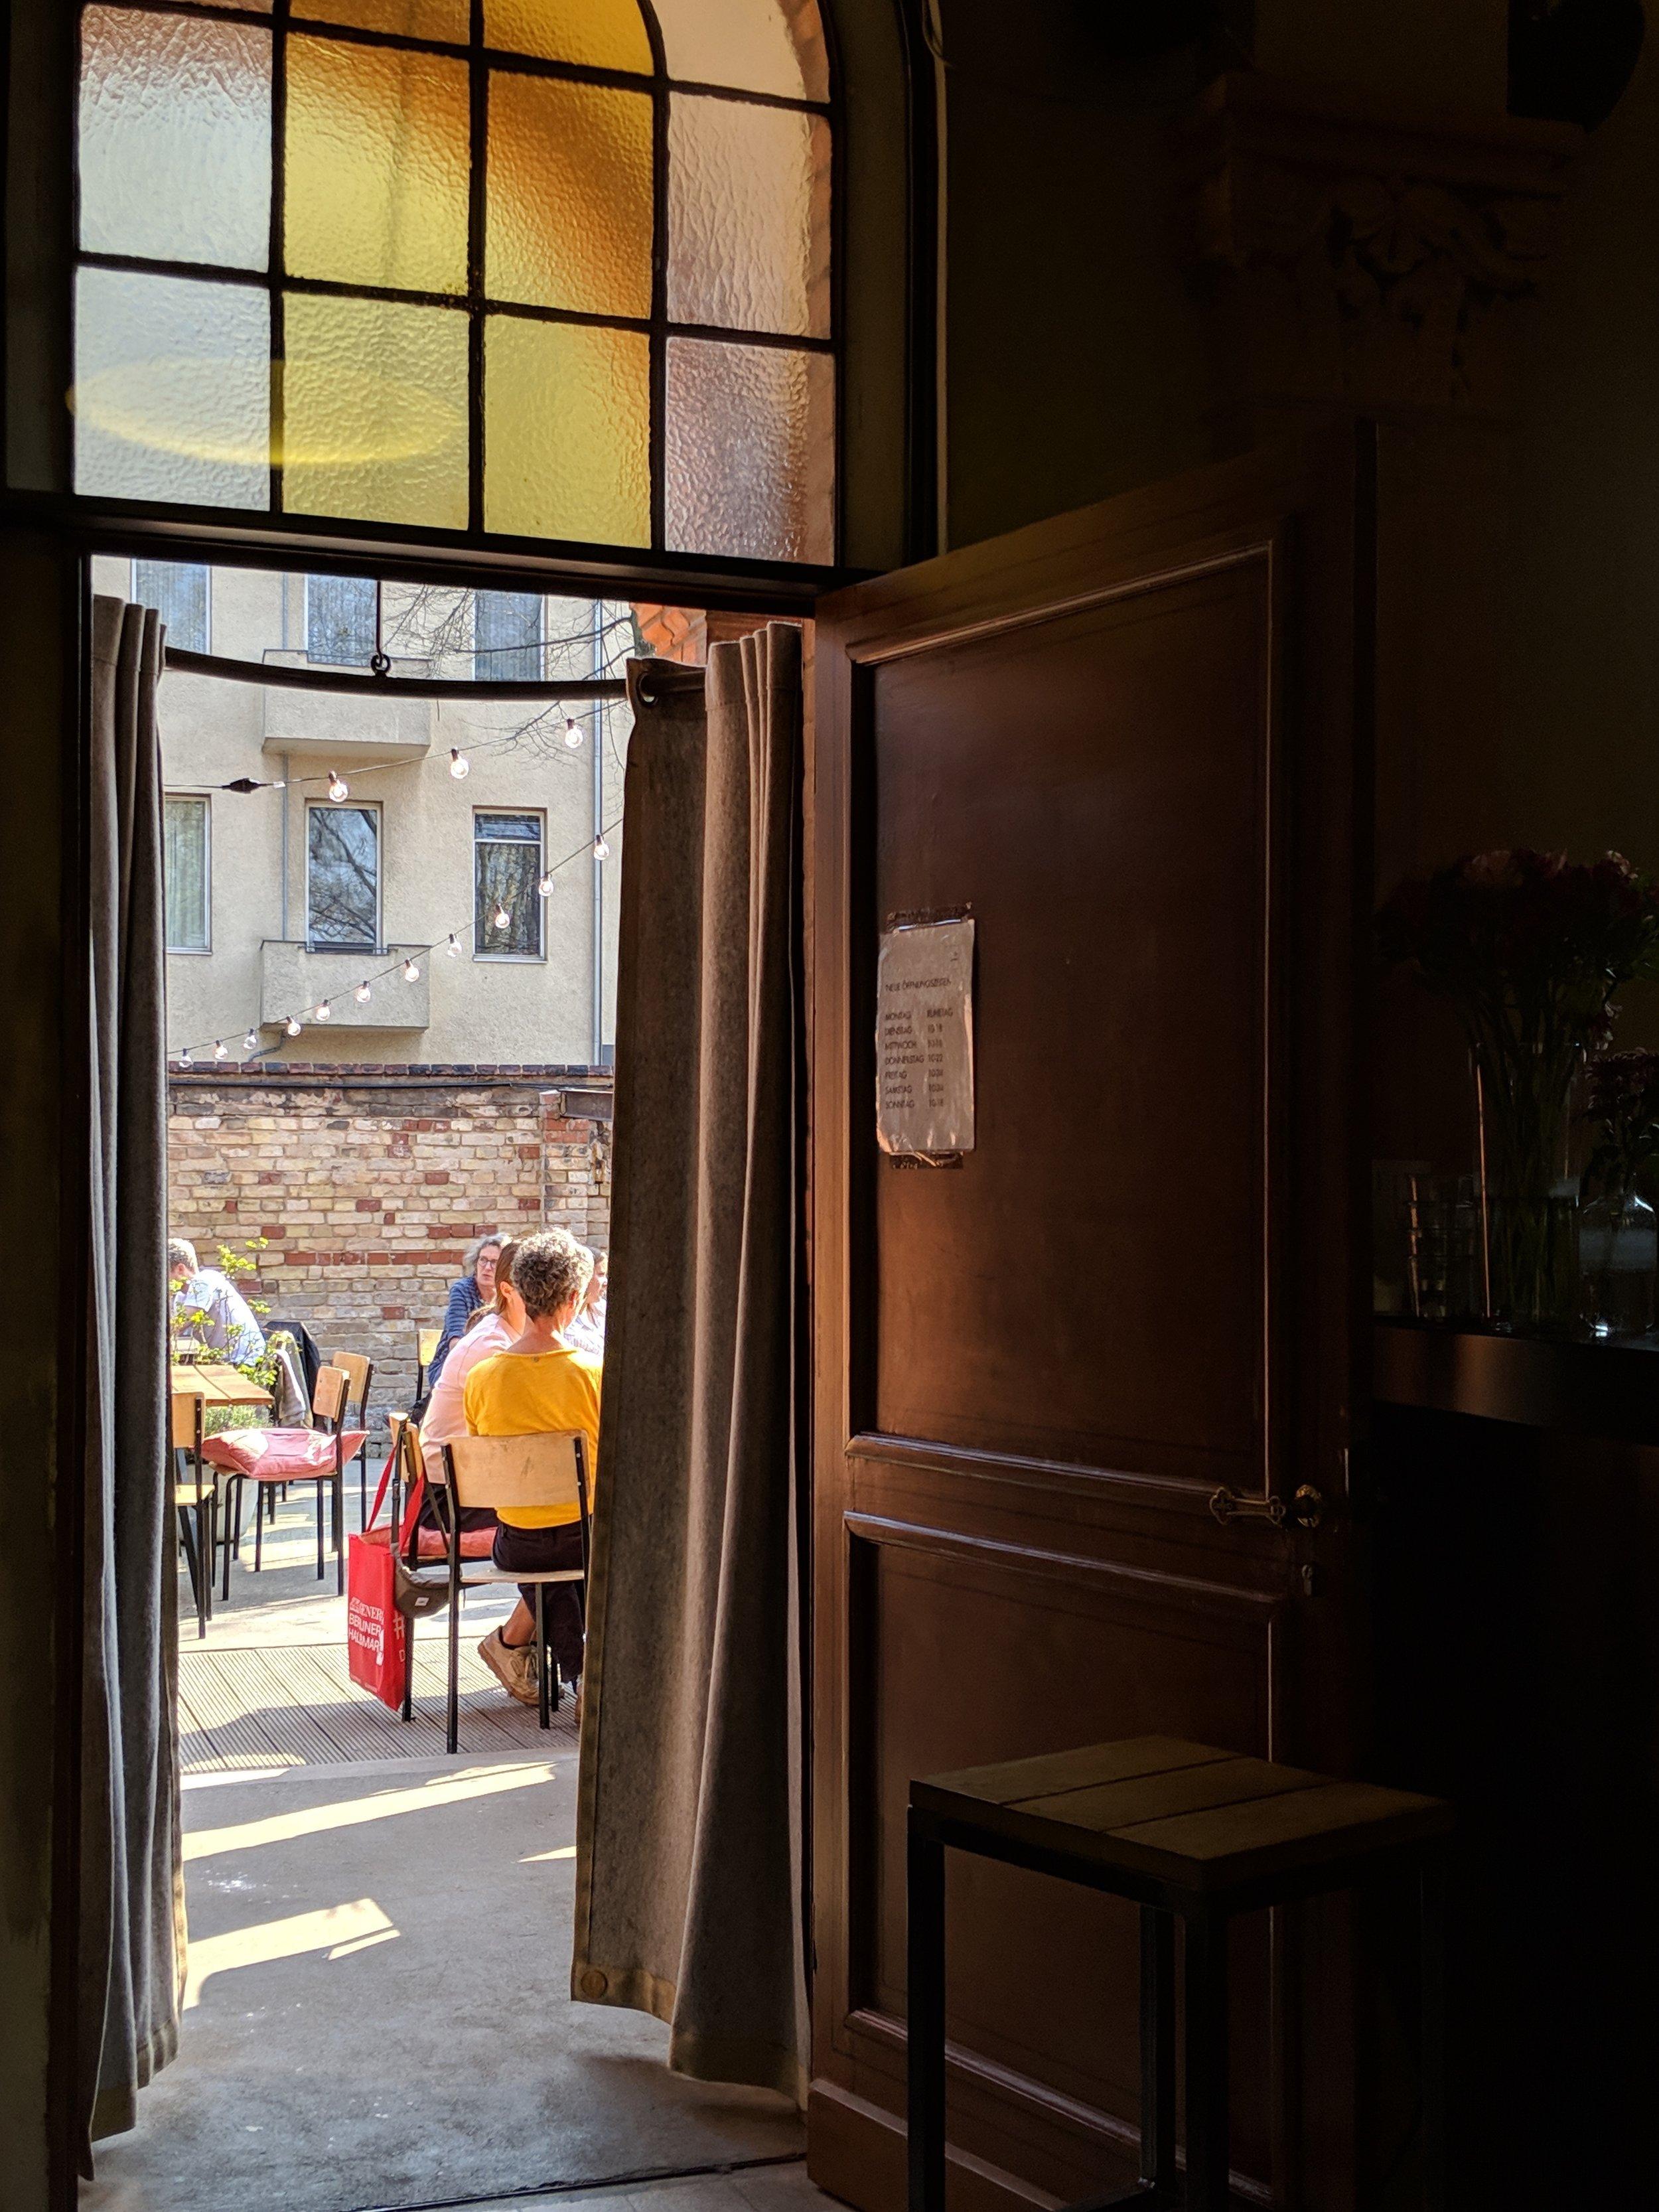 berlin_21gramm_door.jpg